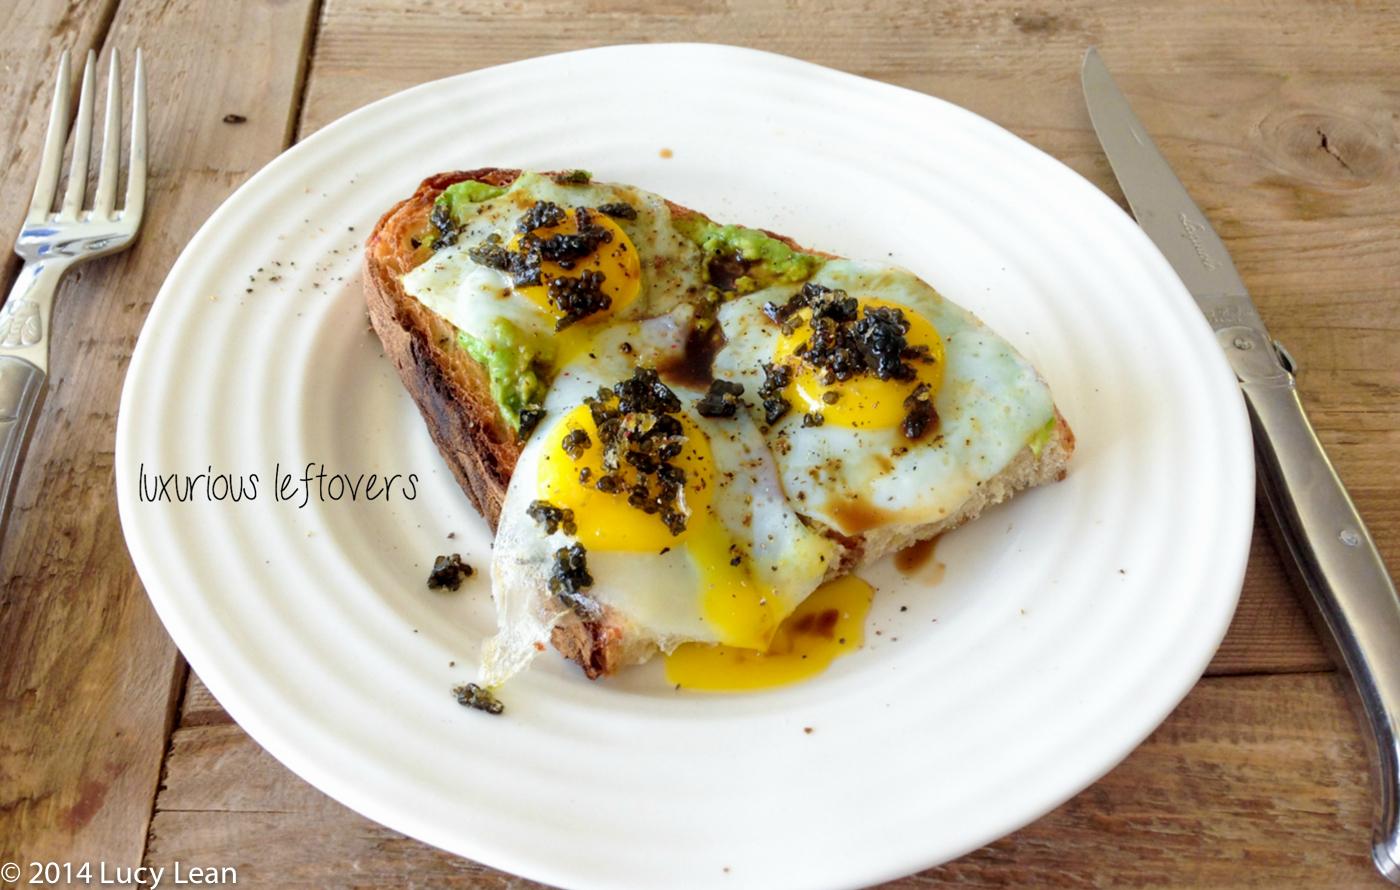 quails eggs and caviar on avocado toast